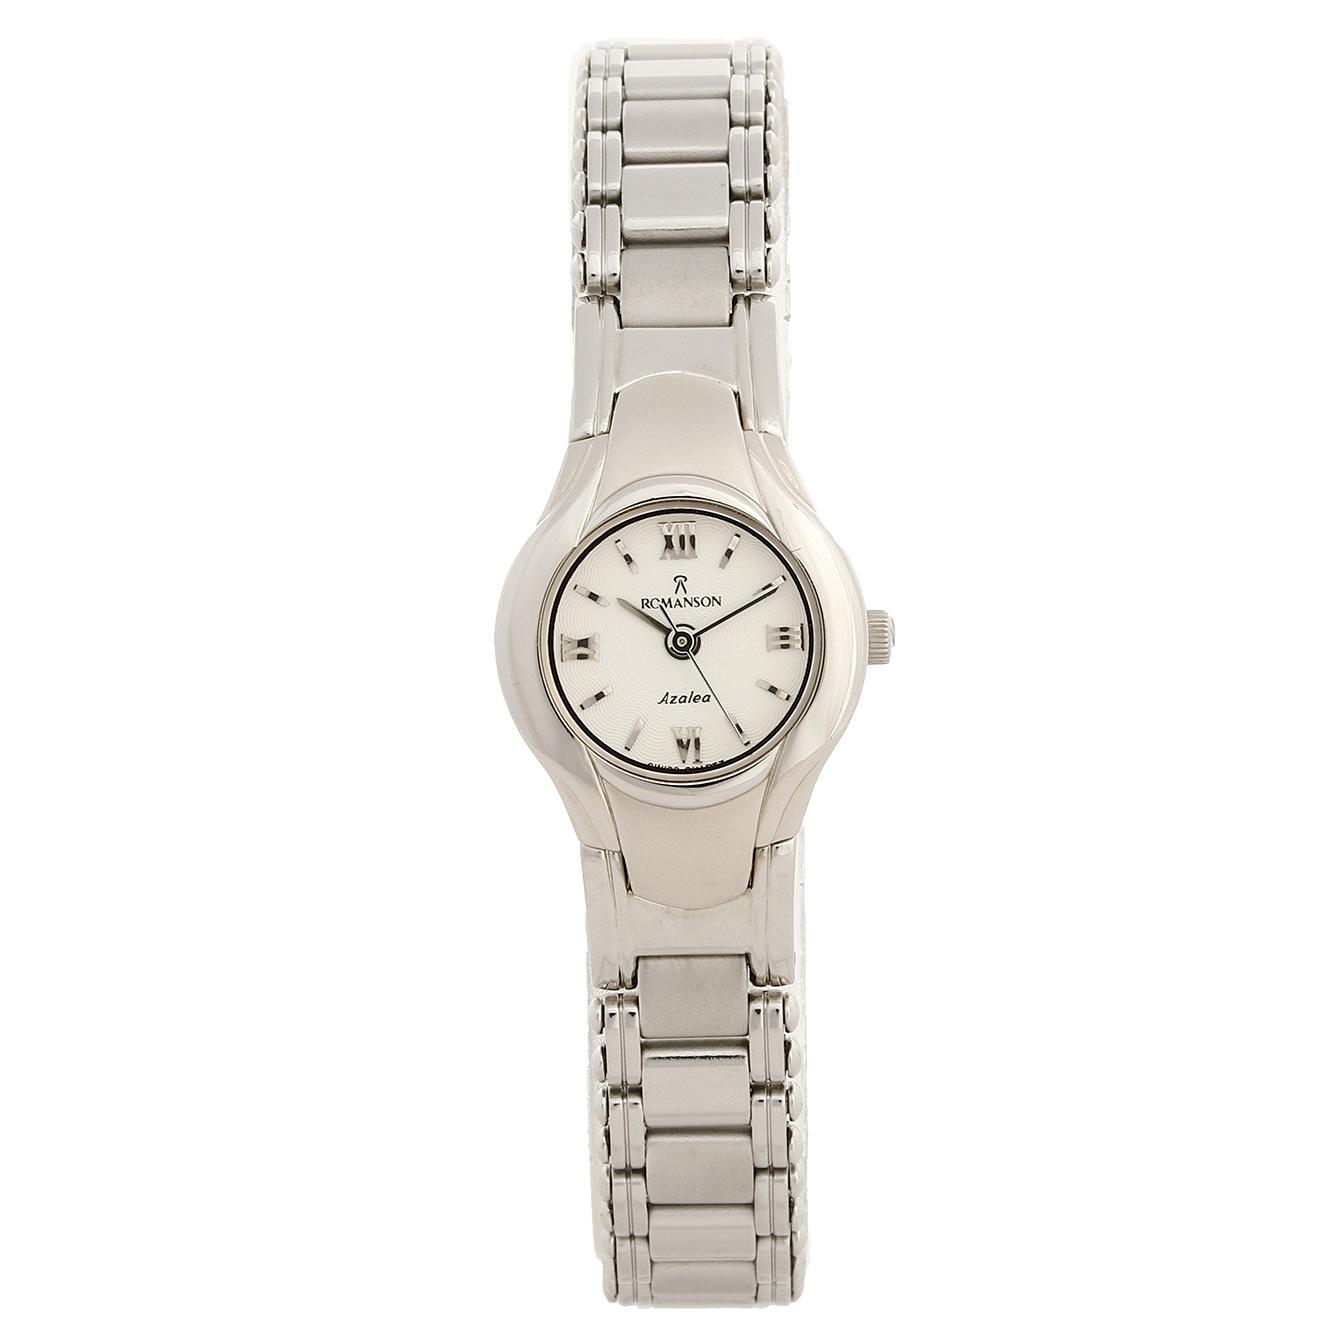 ساعت مچی عقربه ای زنانه رومانسون مدل NM4517LL1WAS2W